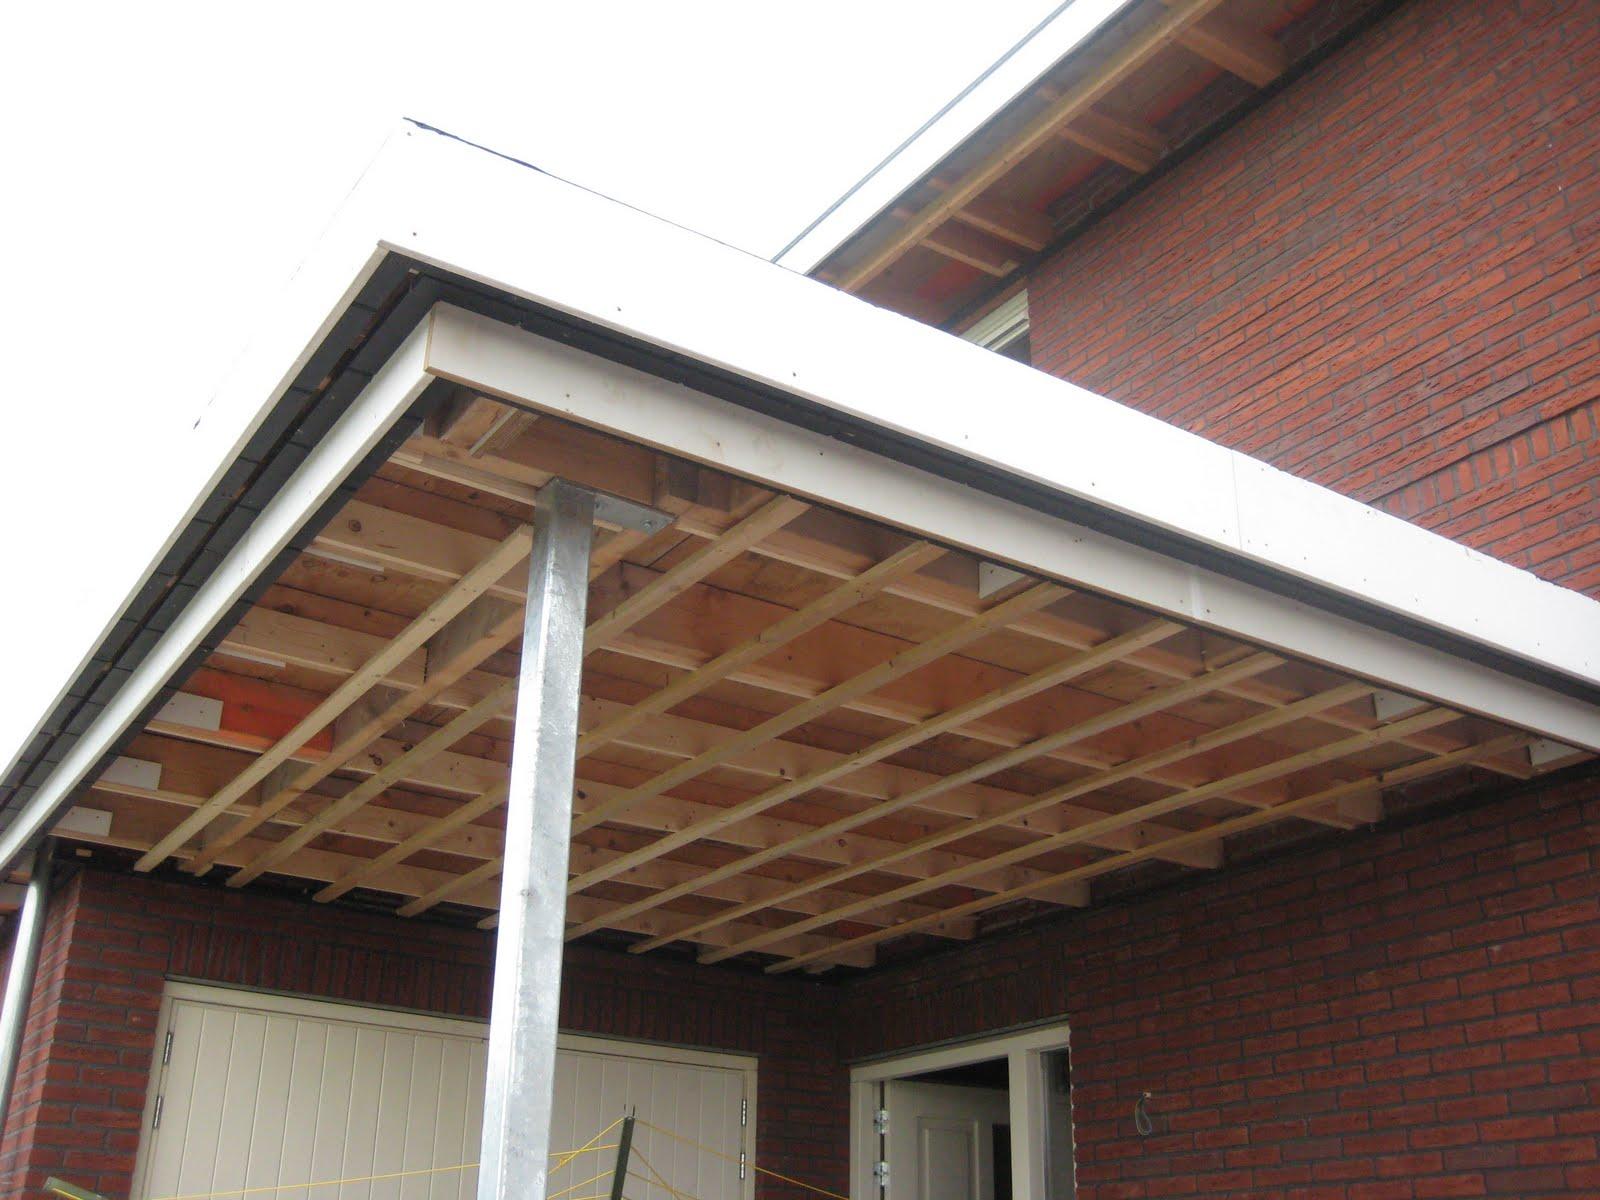 Nieuwbouw aronskelk 9 op zoek naar een baan als stucadoor - Mezzanine onder het dak ...